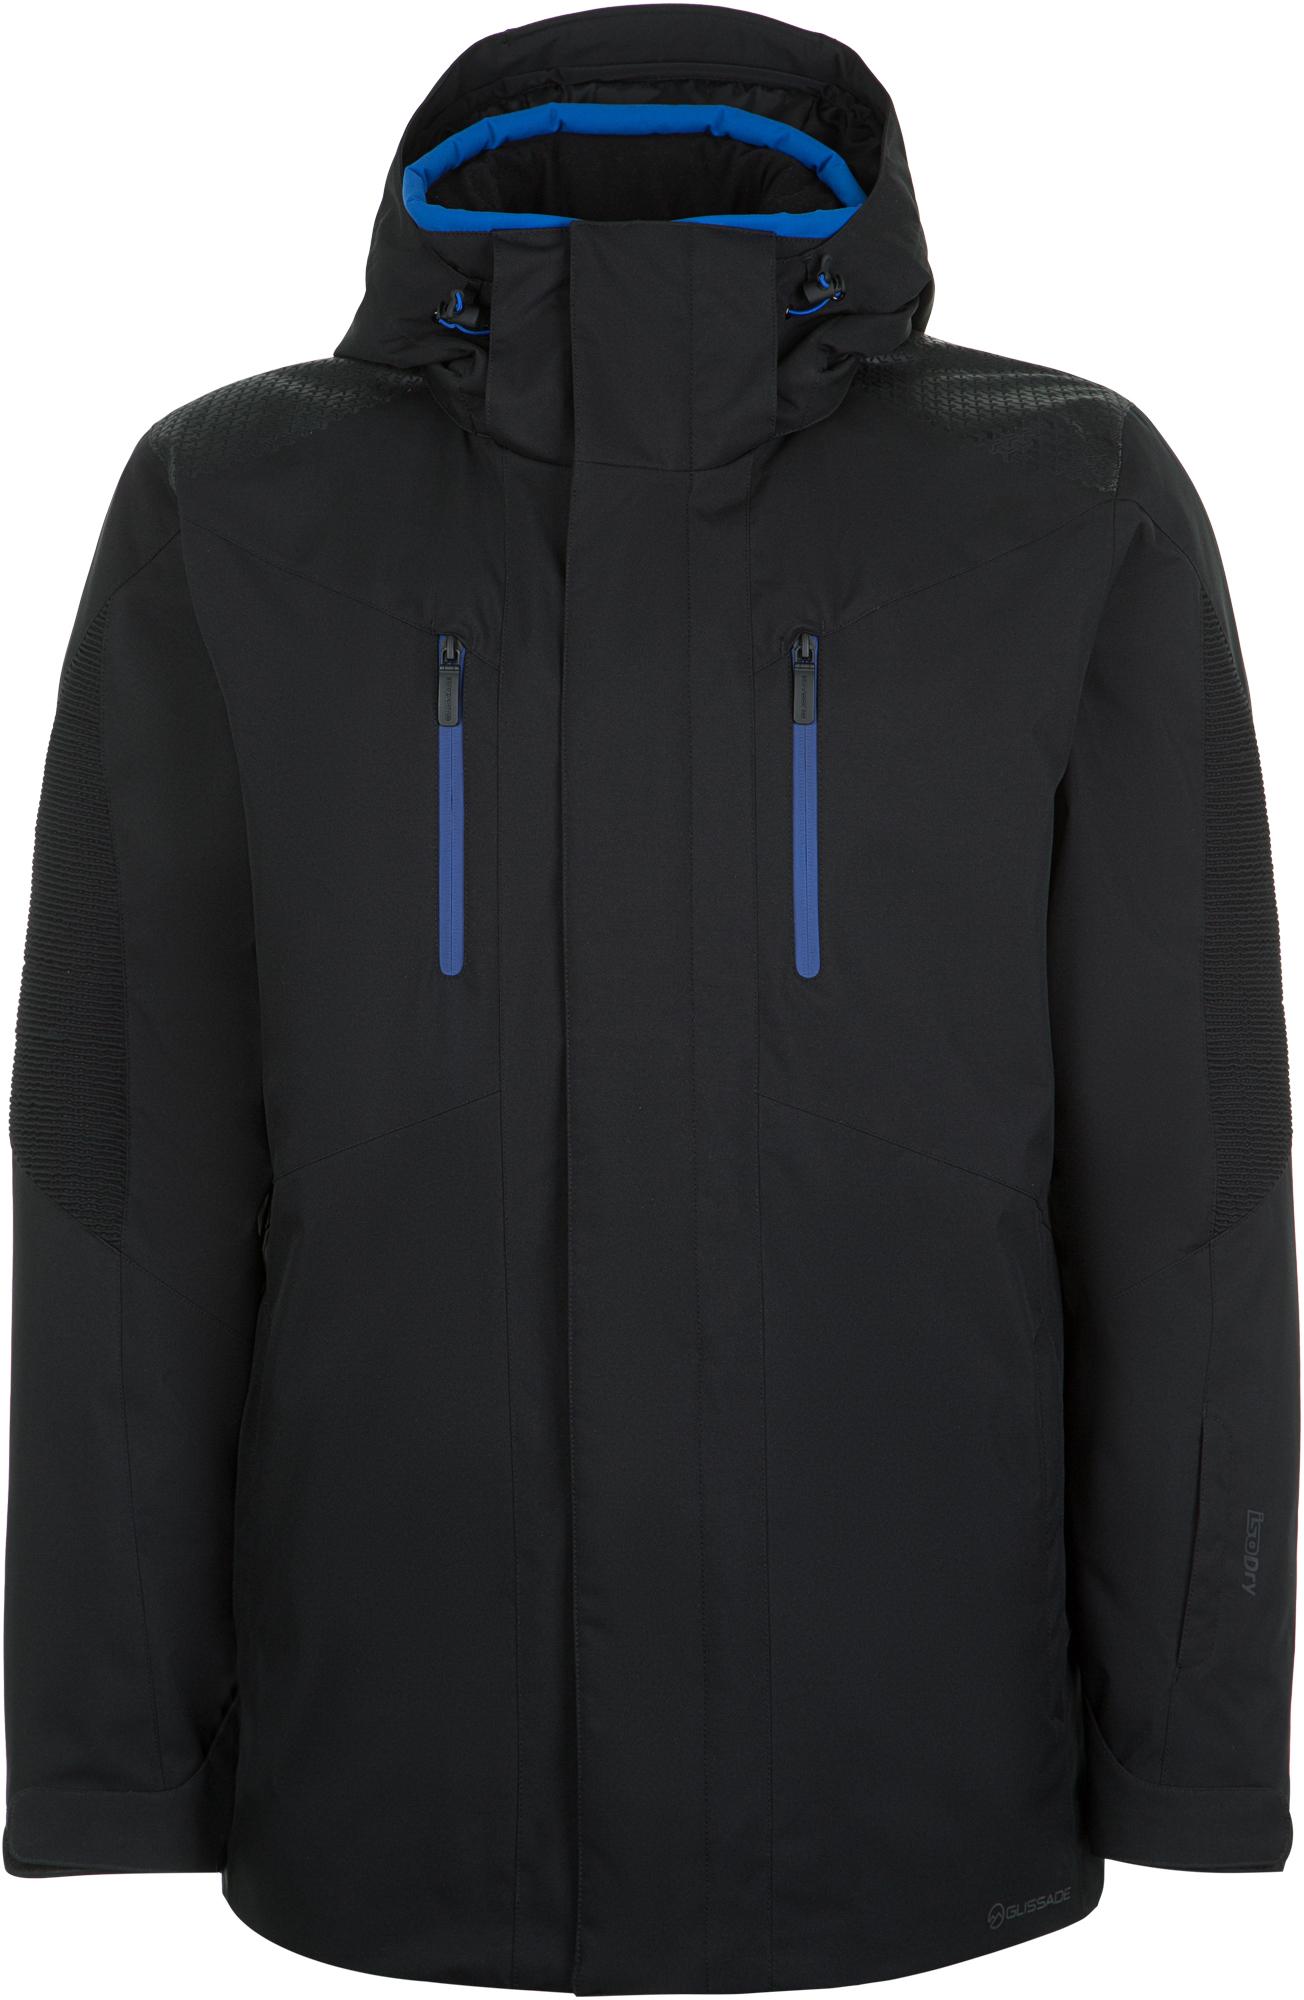 Glissade Куртка утепленная мужская Glissade, размер 46 glissade куртка утепленная мужская glissade размер 56 58